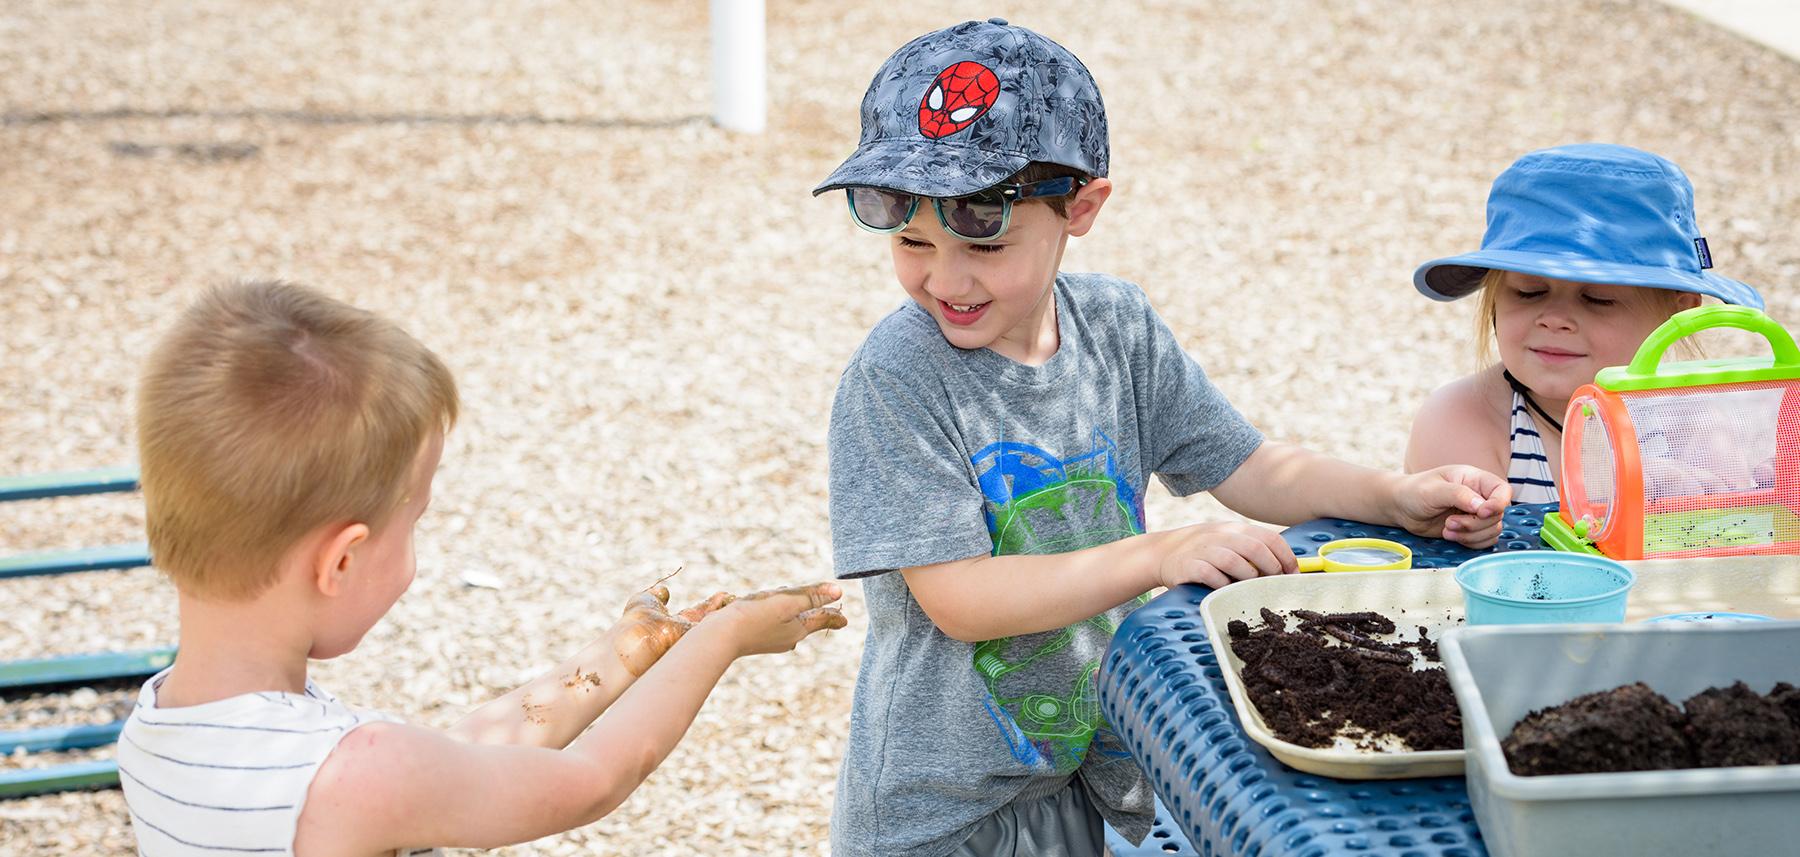 Students at play